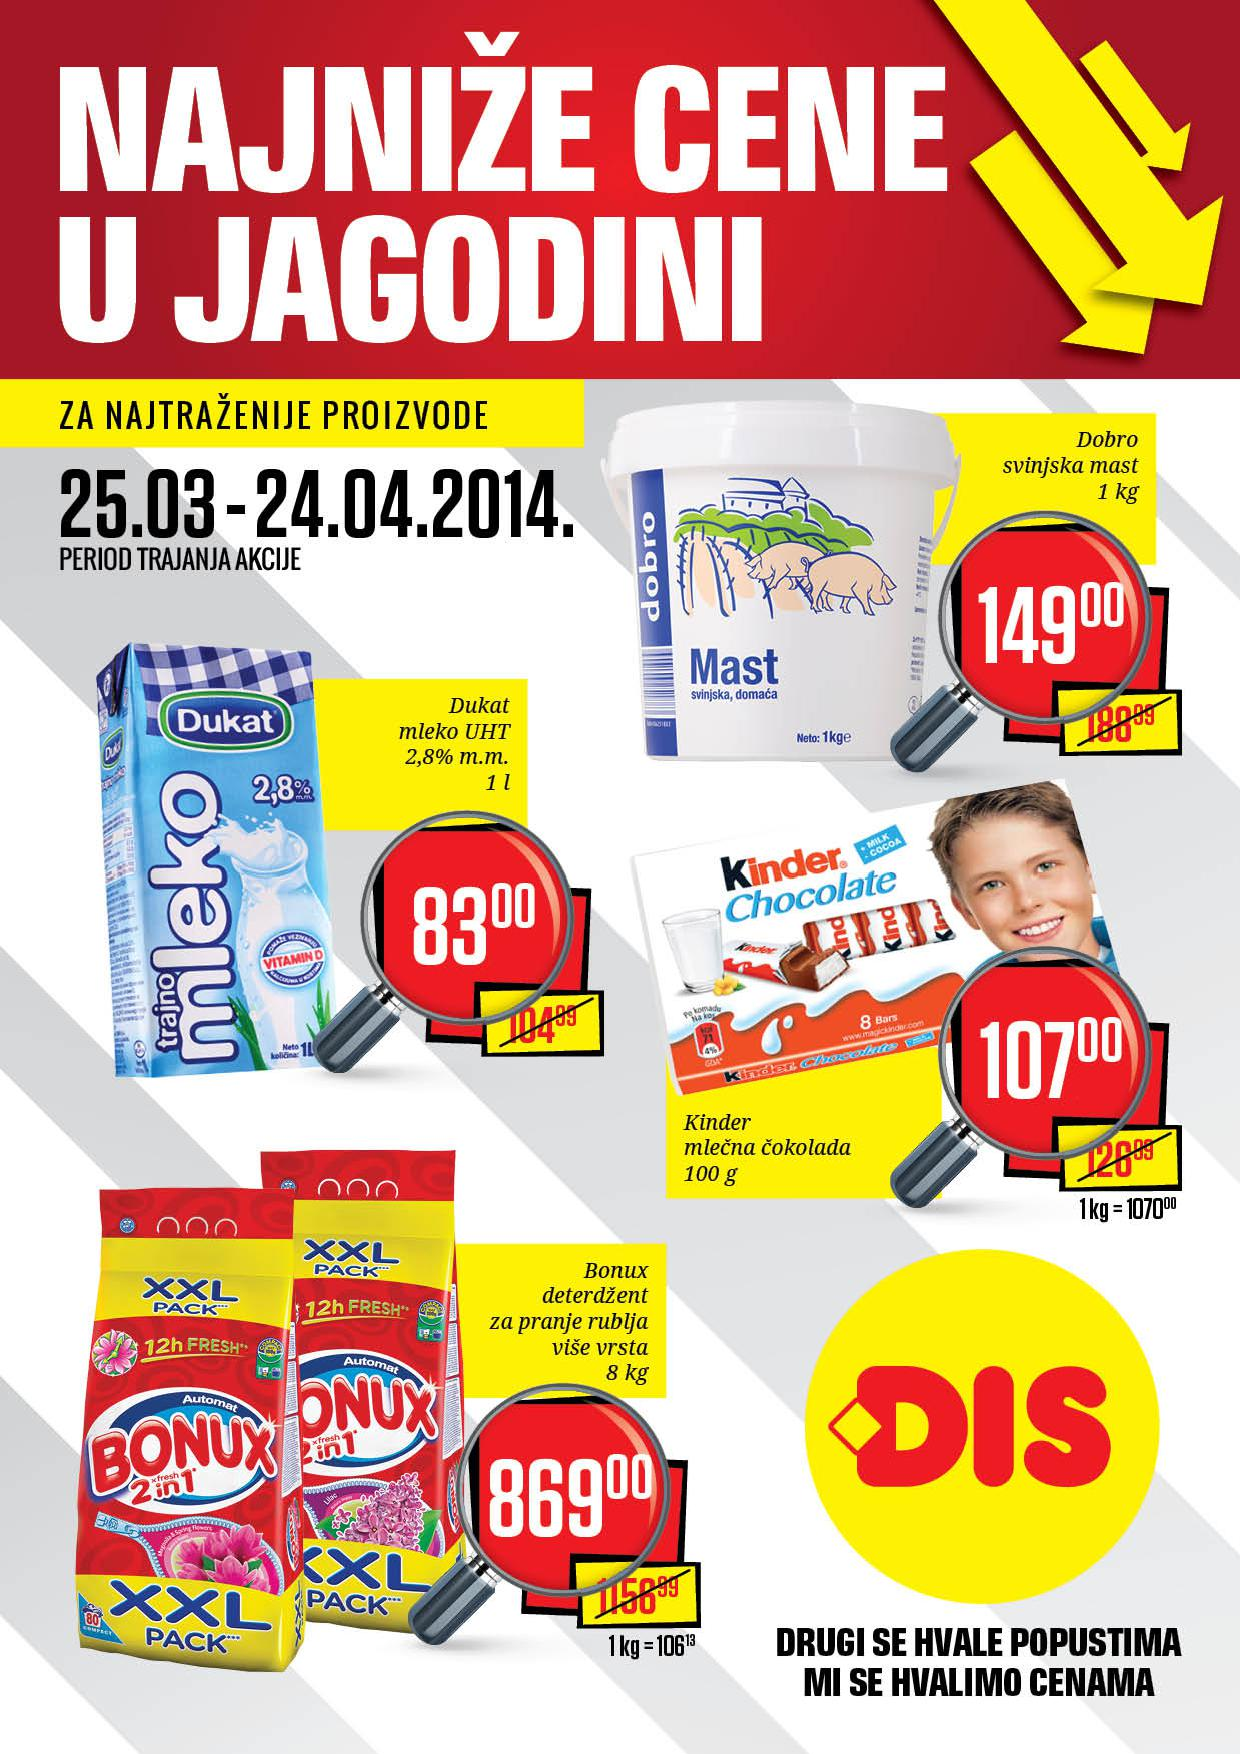 Dis katalog najpovoljnija ponuda u Jagodini